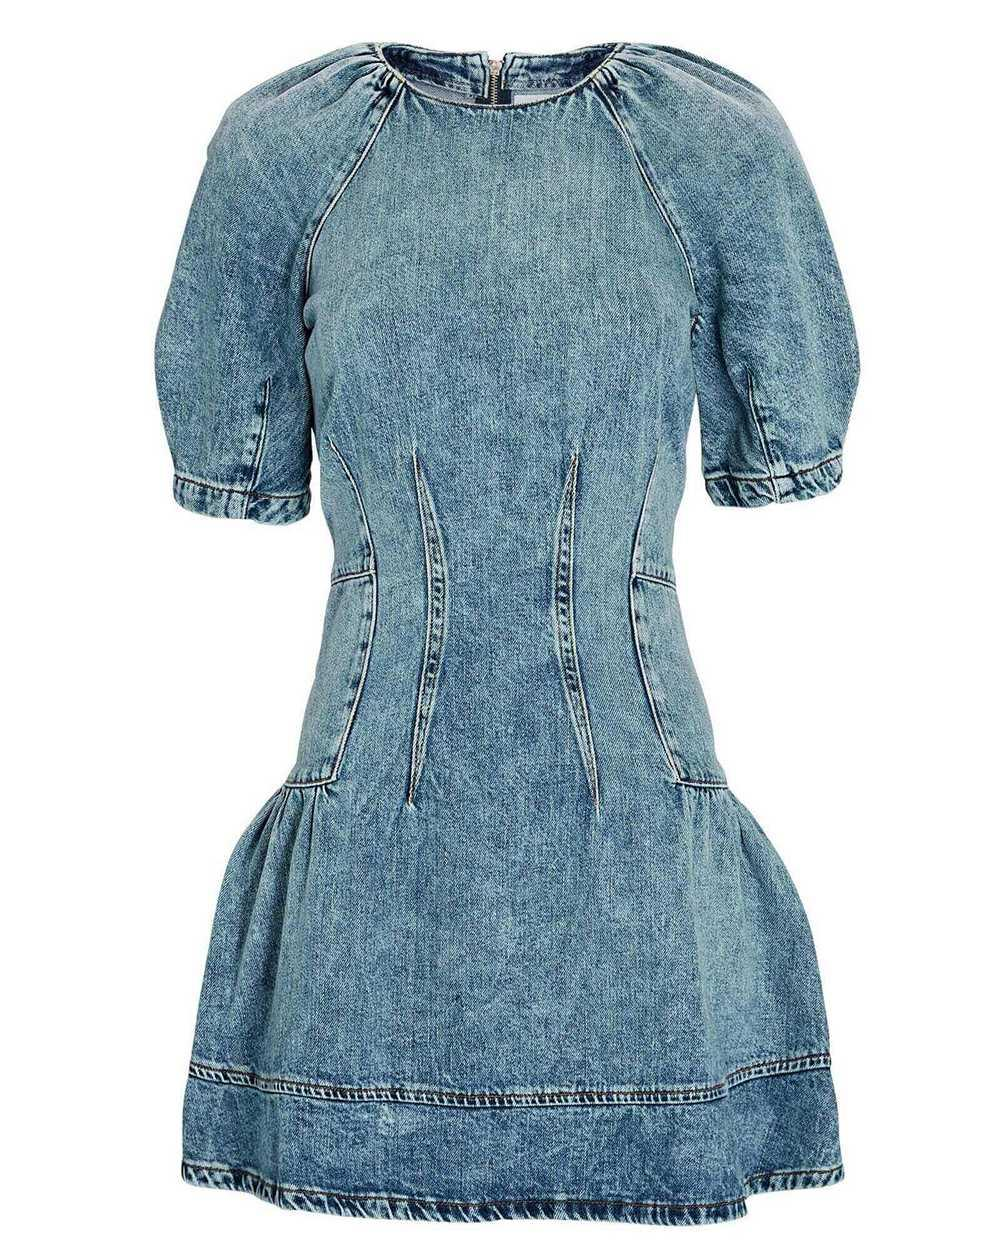 Holland Denim Dress Item # 221-1127-ST-VINTAGE